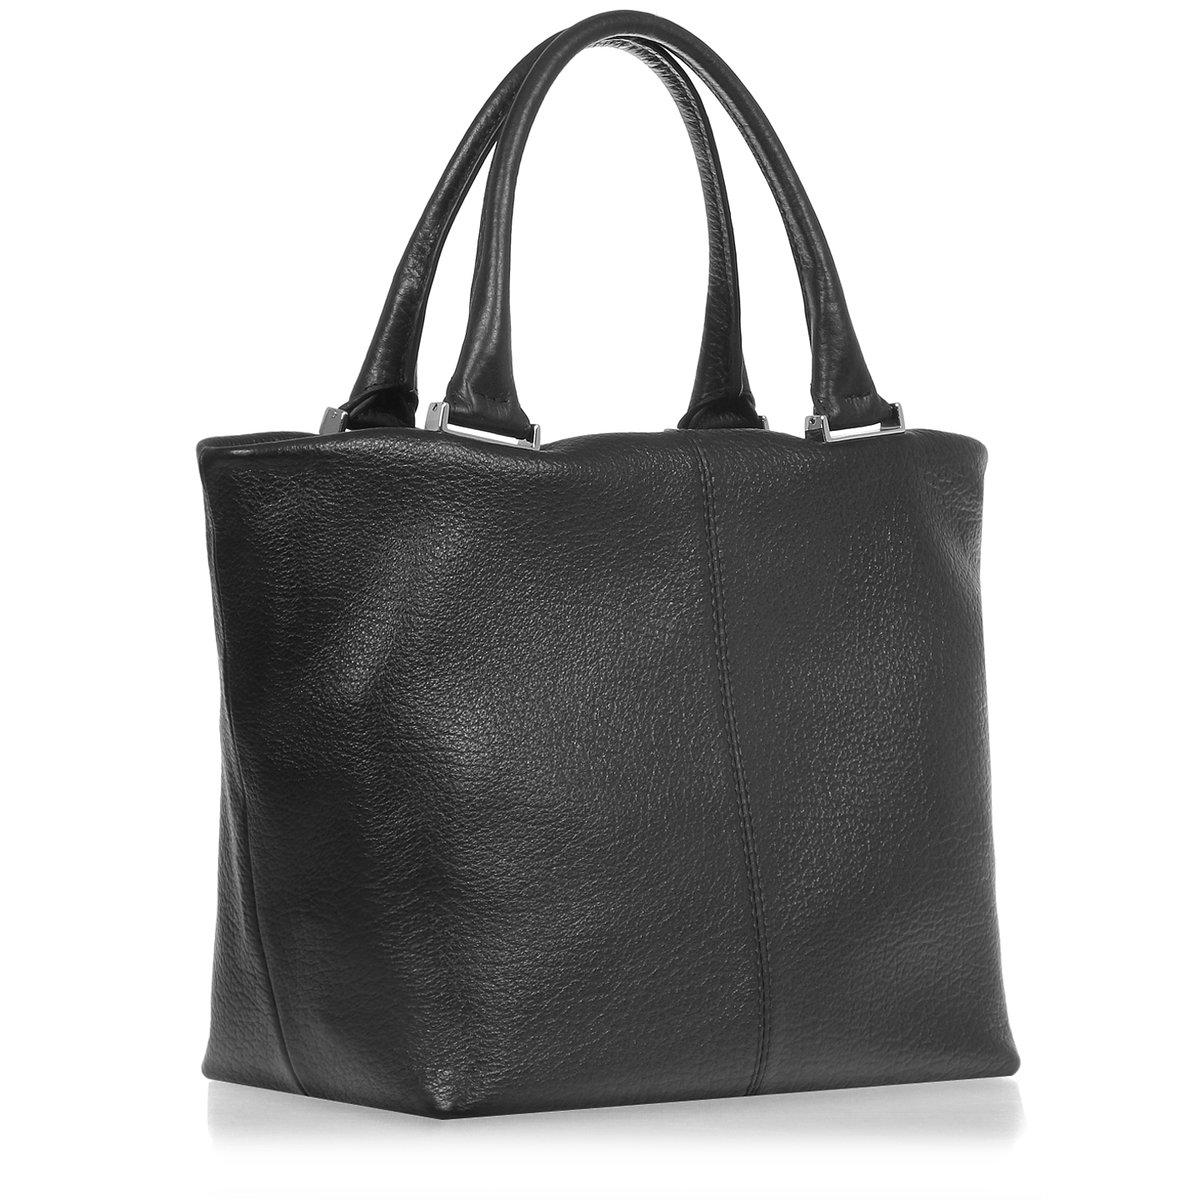 Сумка Gaude H7300 black – Италия, черного цвета, натуральная кожа, цены, купить в интернет-магазине.